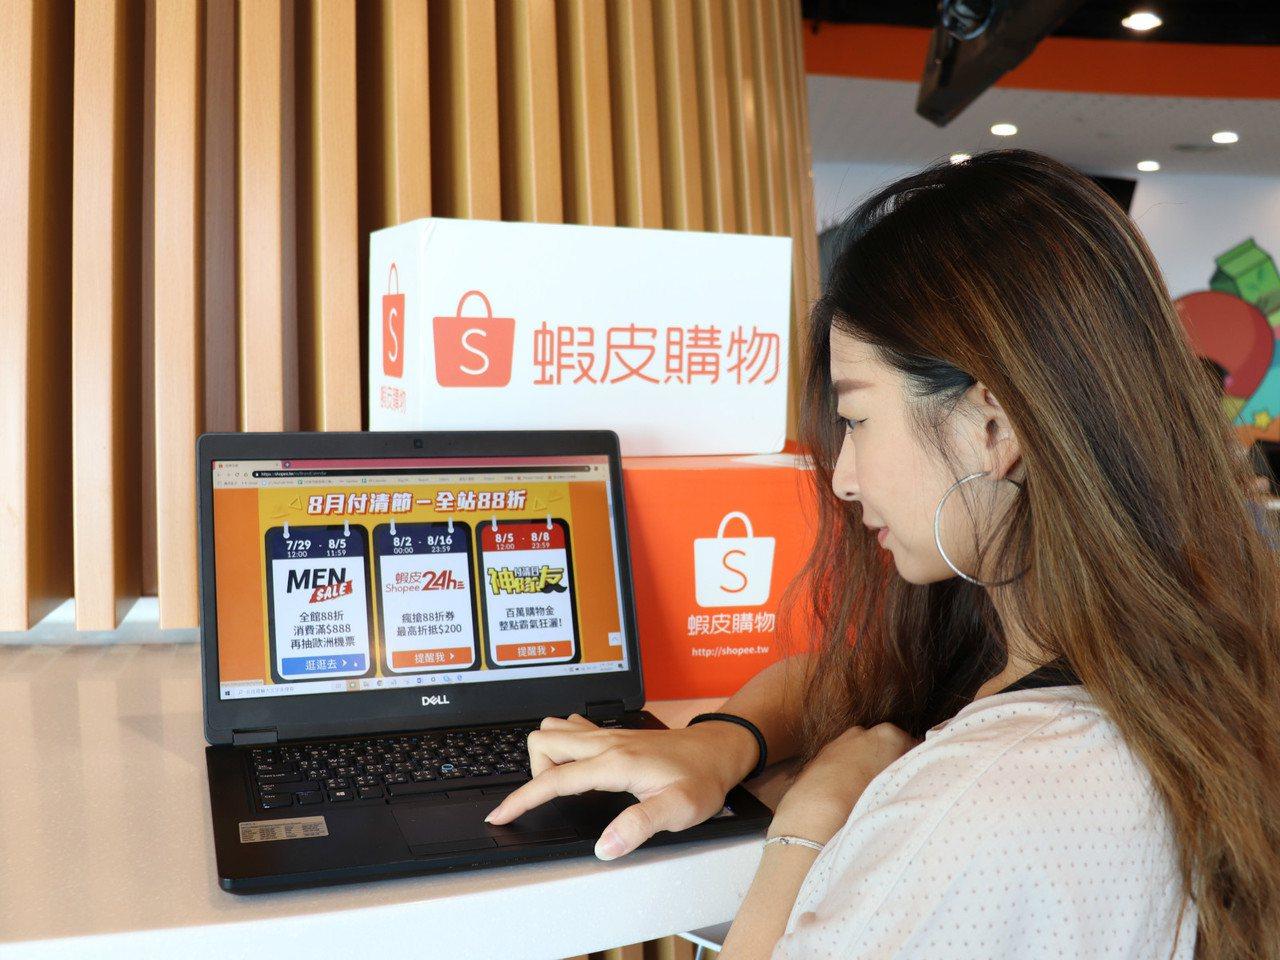 蝦皮購物8月2日至8月16日推出「付清節」,全站輸碼即可享優惠12%。圖/蝦皮購...